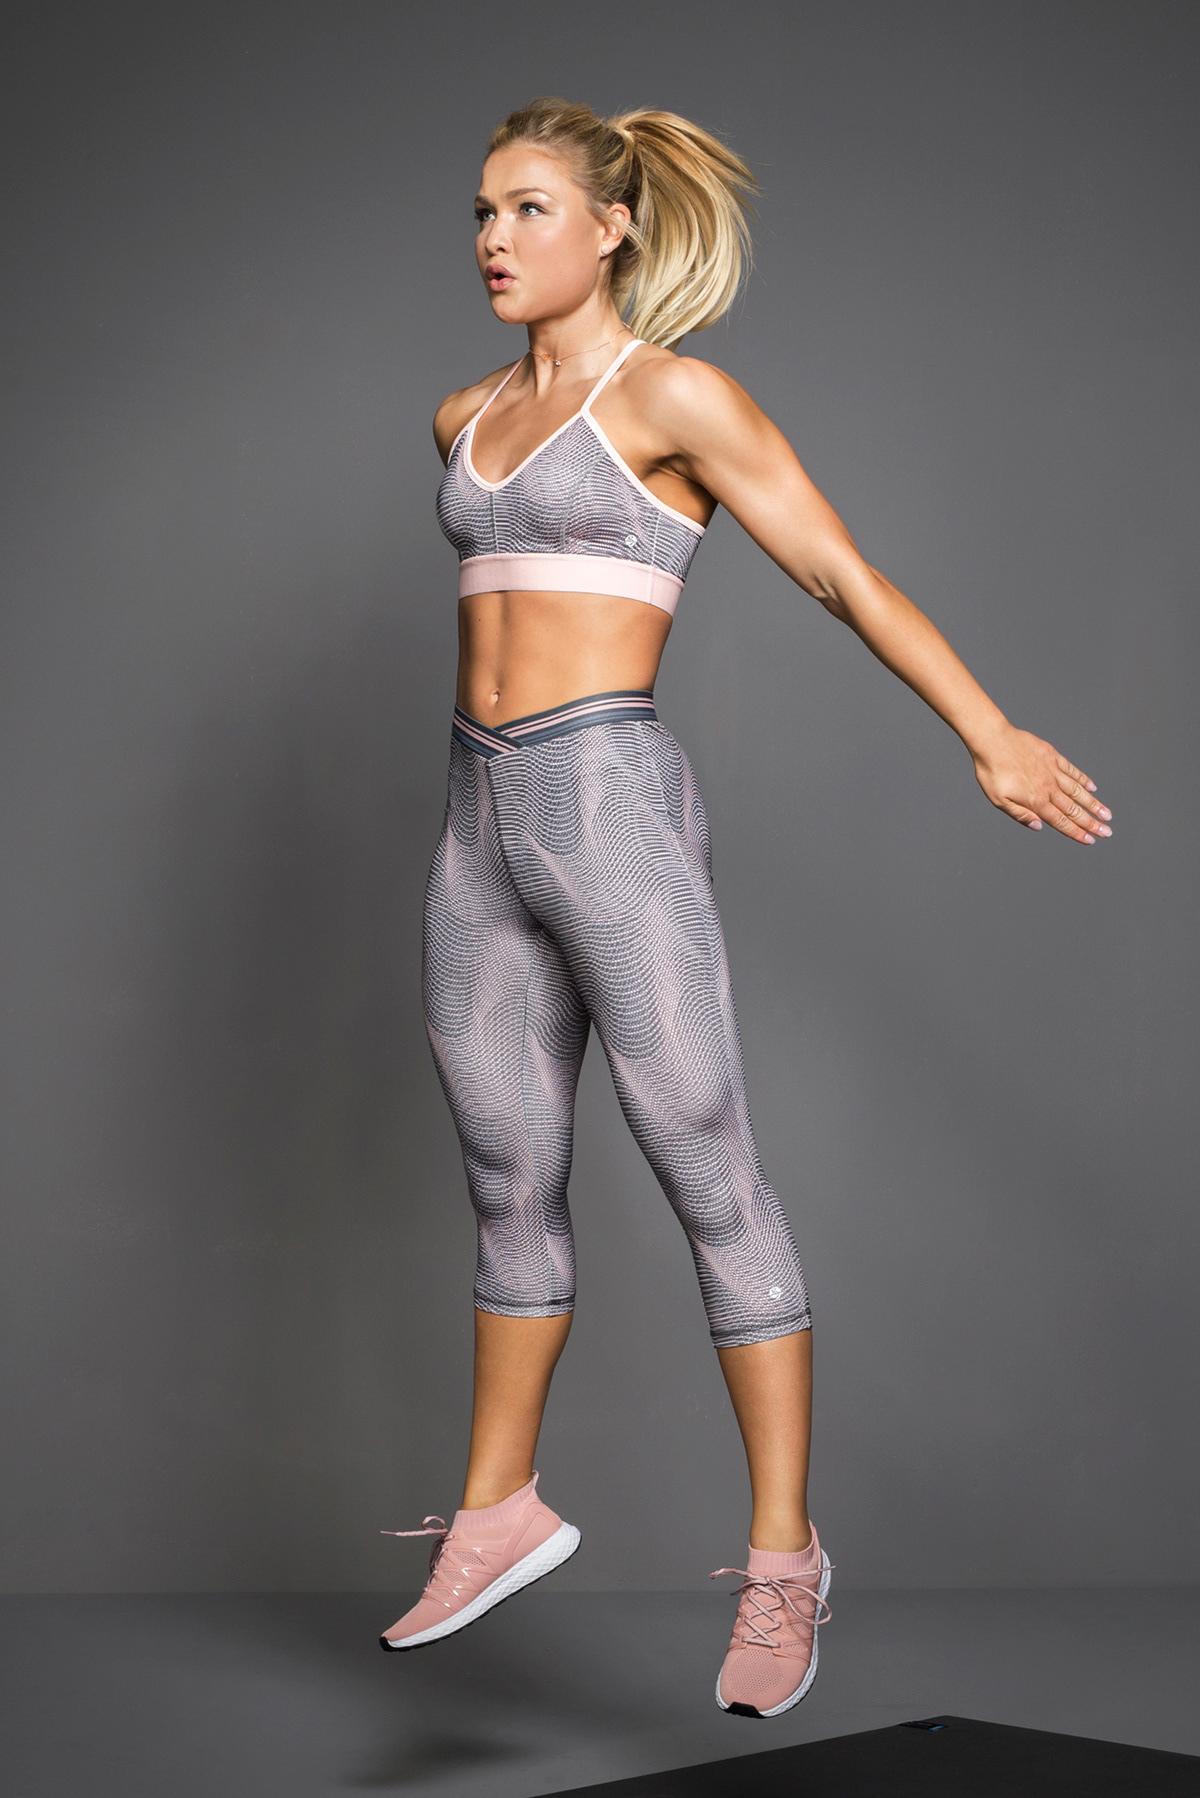 sophia thiel workout